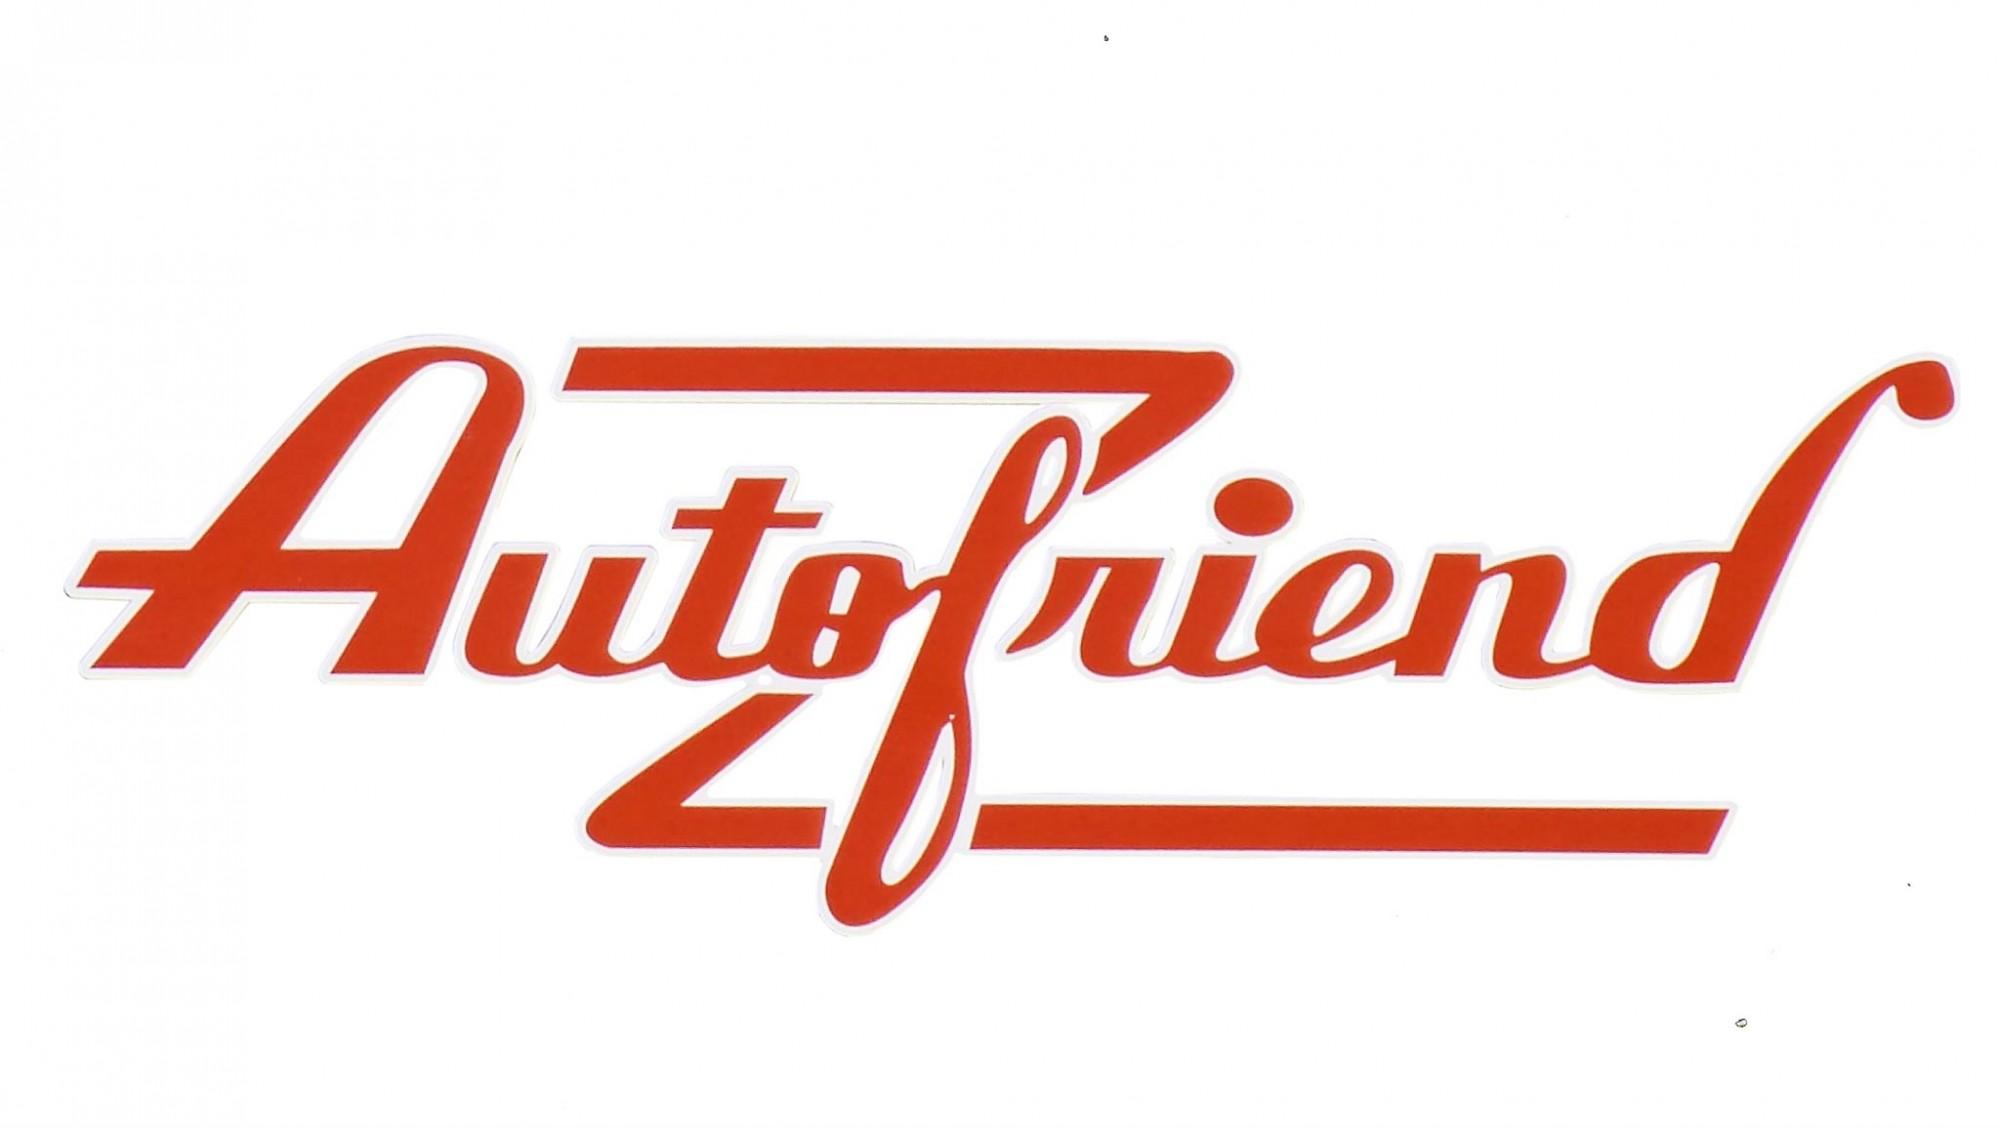 Spesifikasi dari Autofriend FOG LAMP Putih Toyota Innova 2004 2005 2006 Lampu Kabut Aksesoris Mobil Modifikasi - AI-SXF-1028